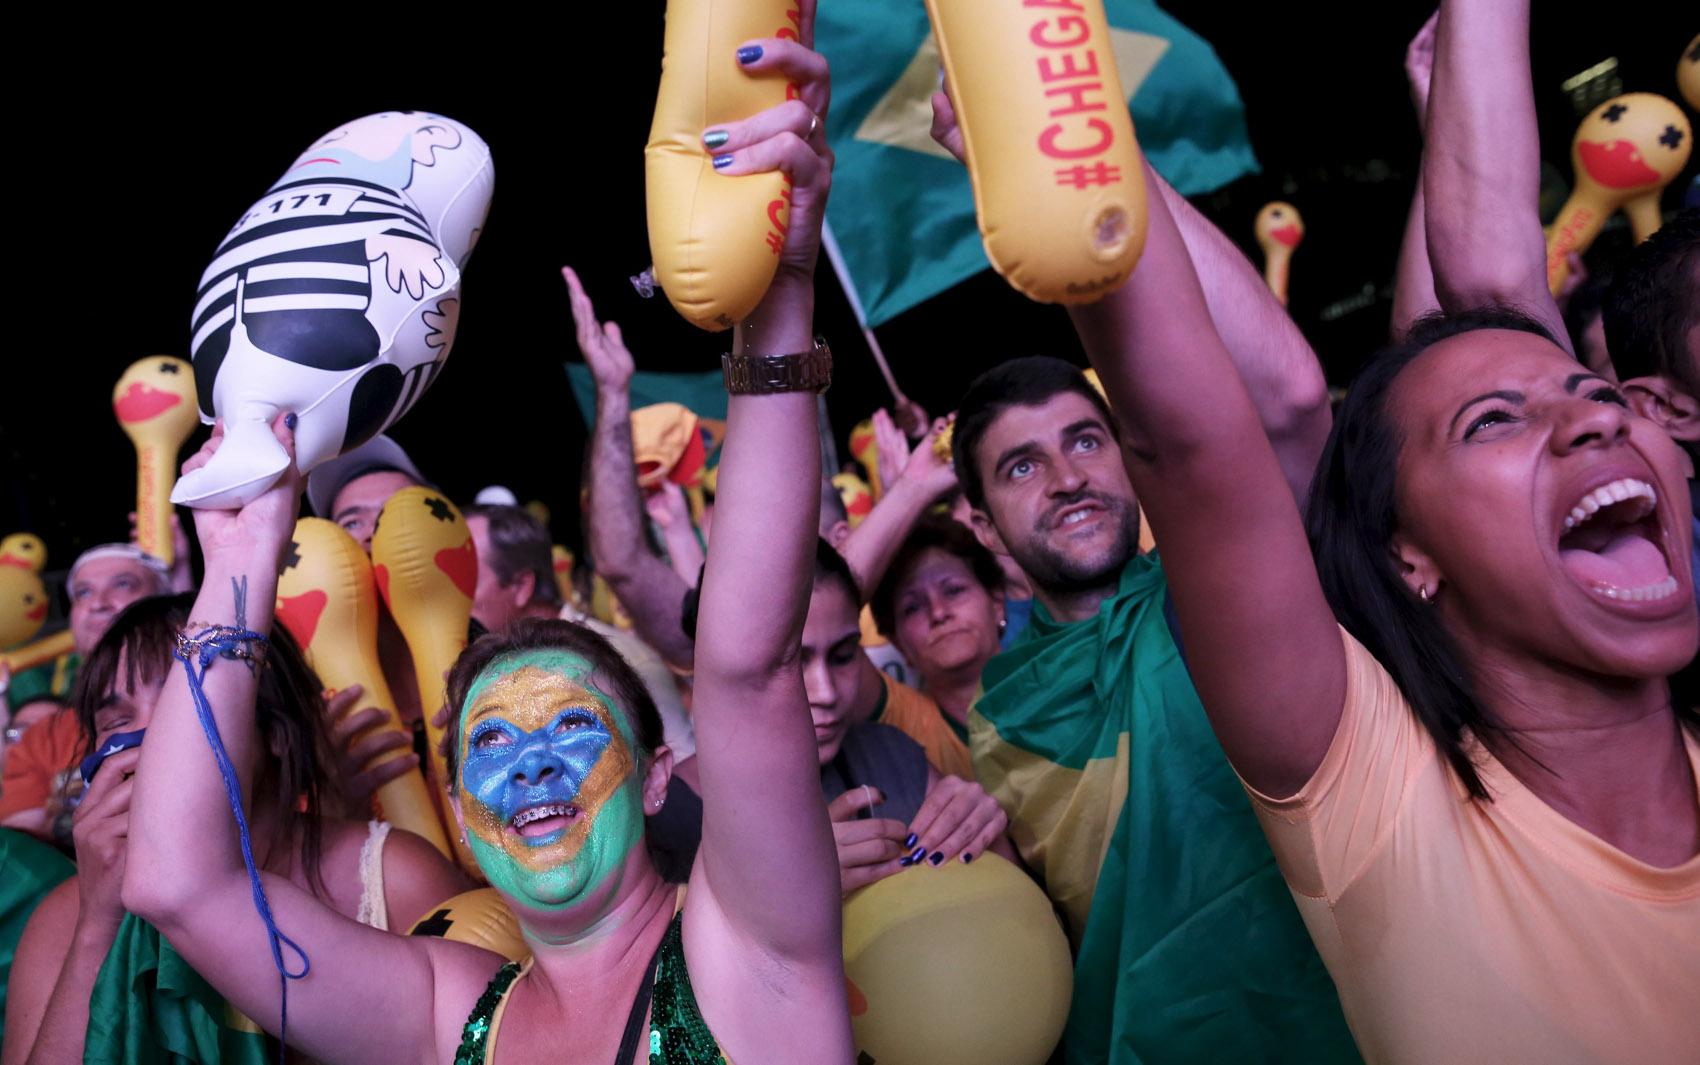 Manifestantes pró-impeachment comemoram enquanto assistem a votação do processo de impeachment em um telão instalado na Avenida Paulista, em São Paulo